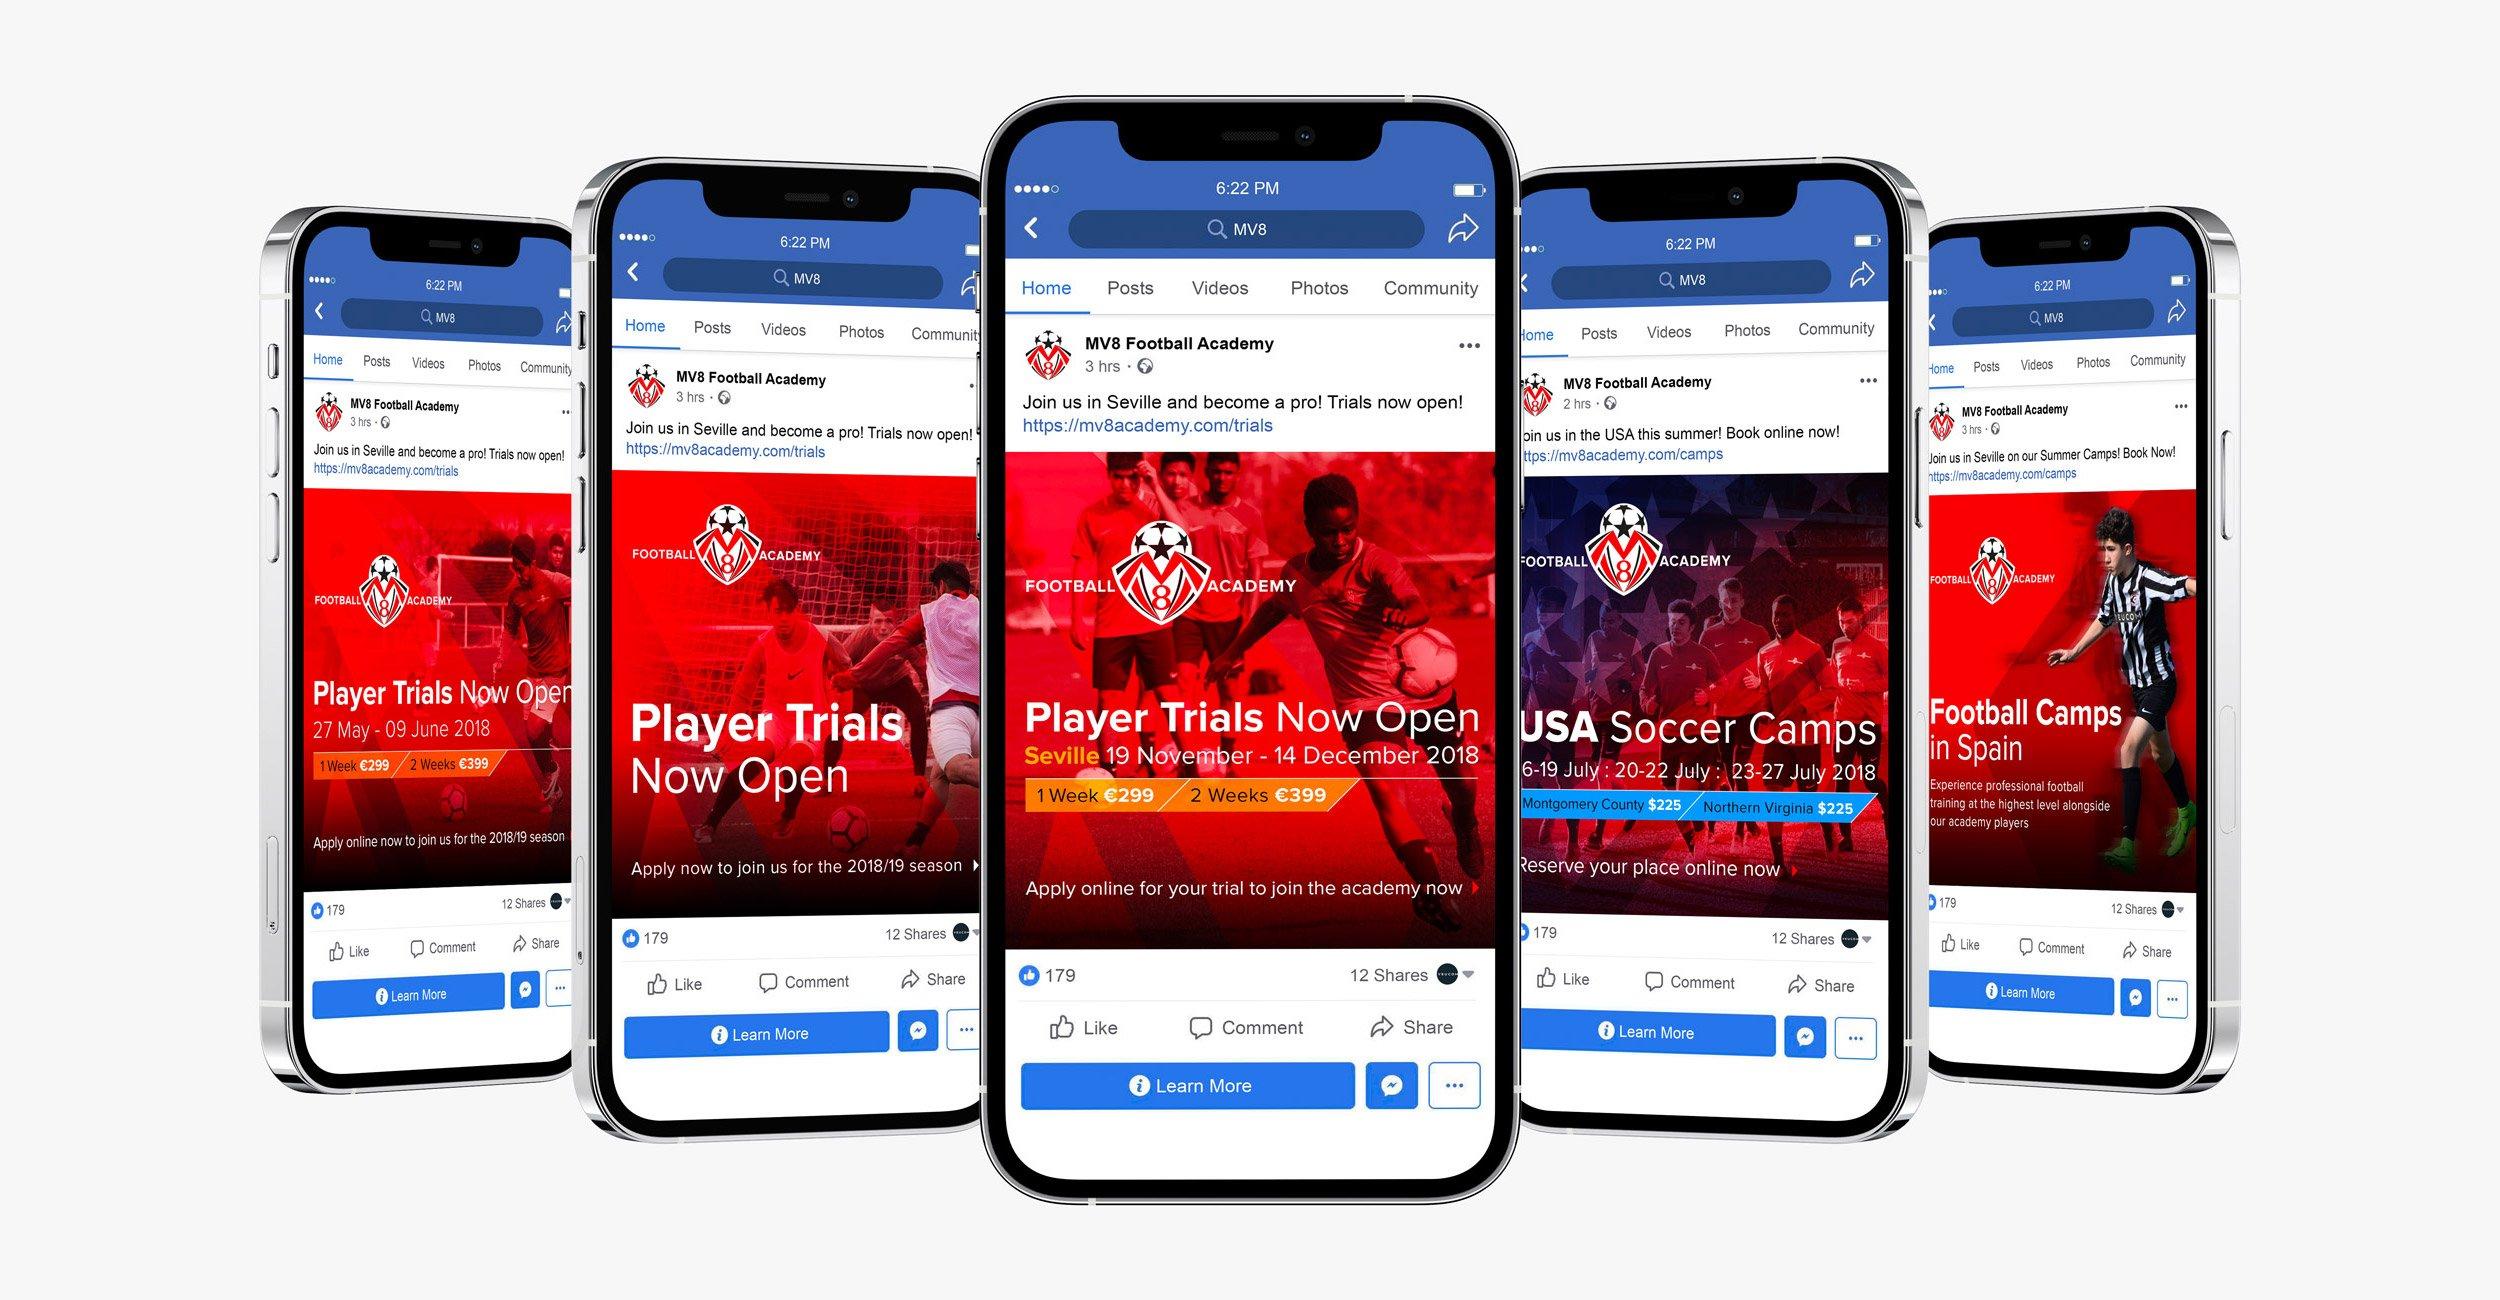 MV8 Football Academy Social Media Advertising